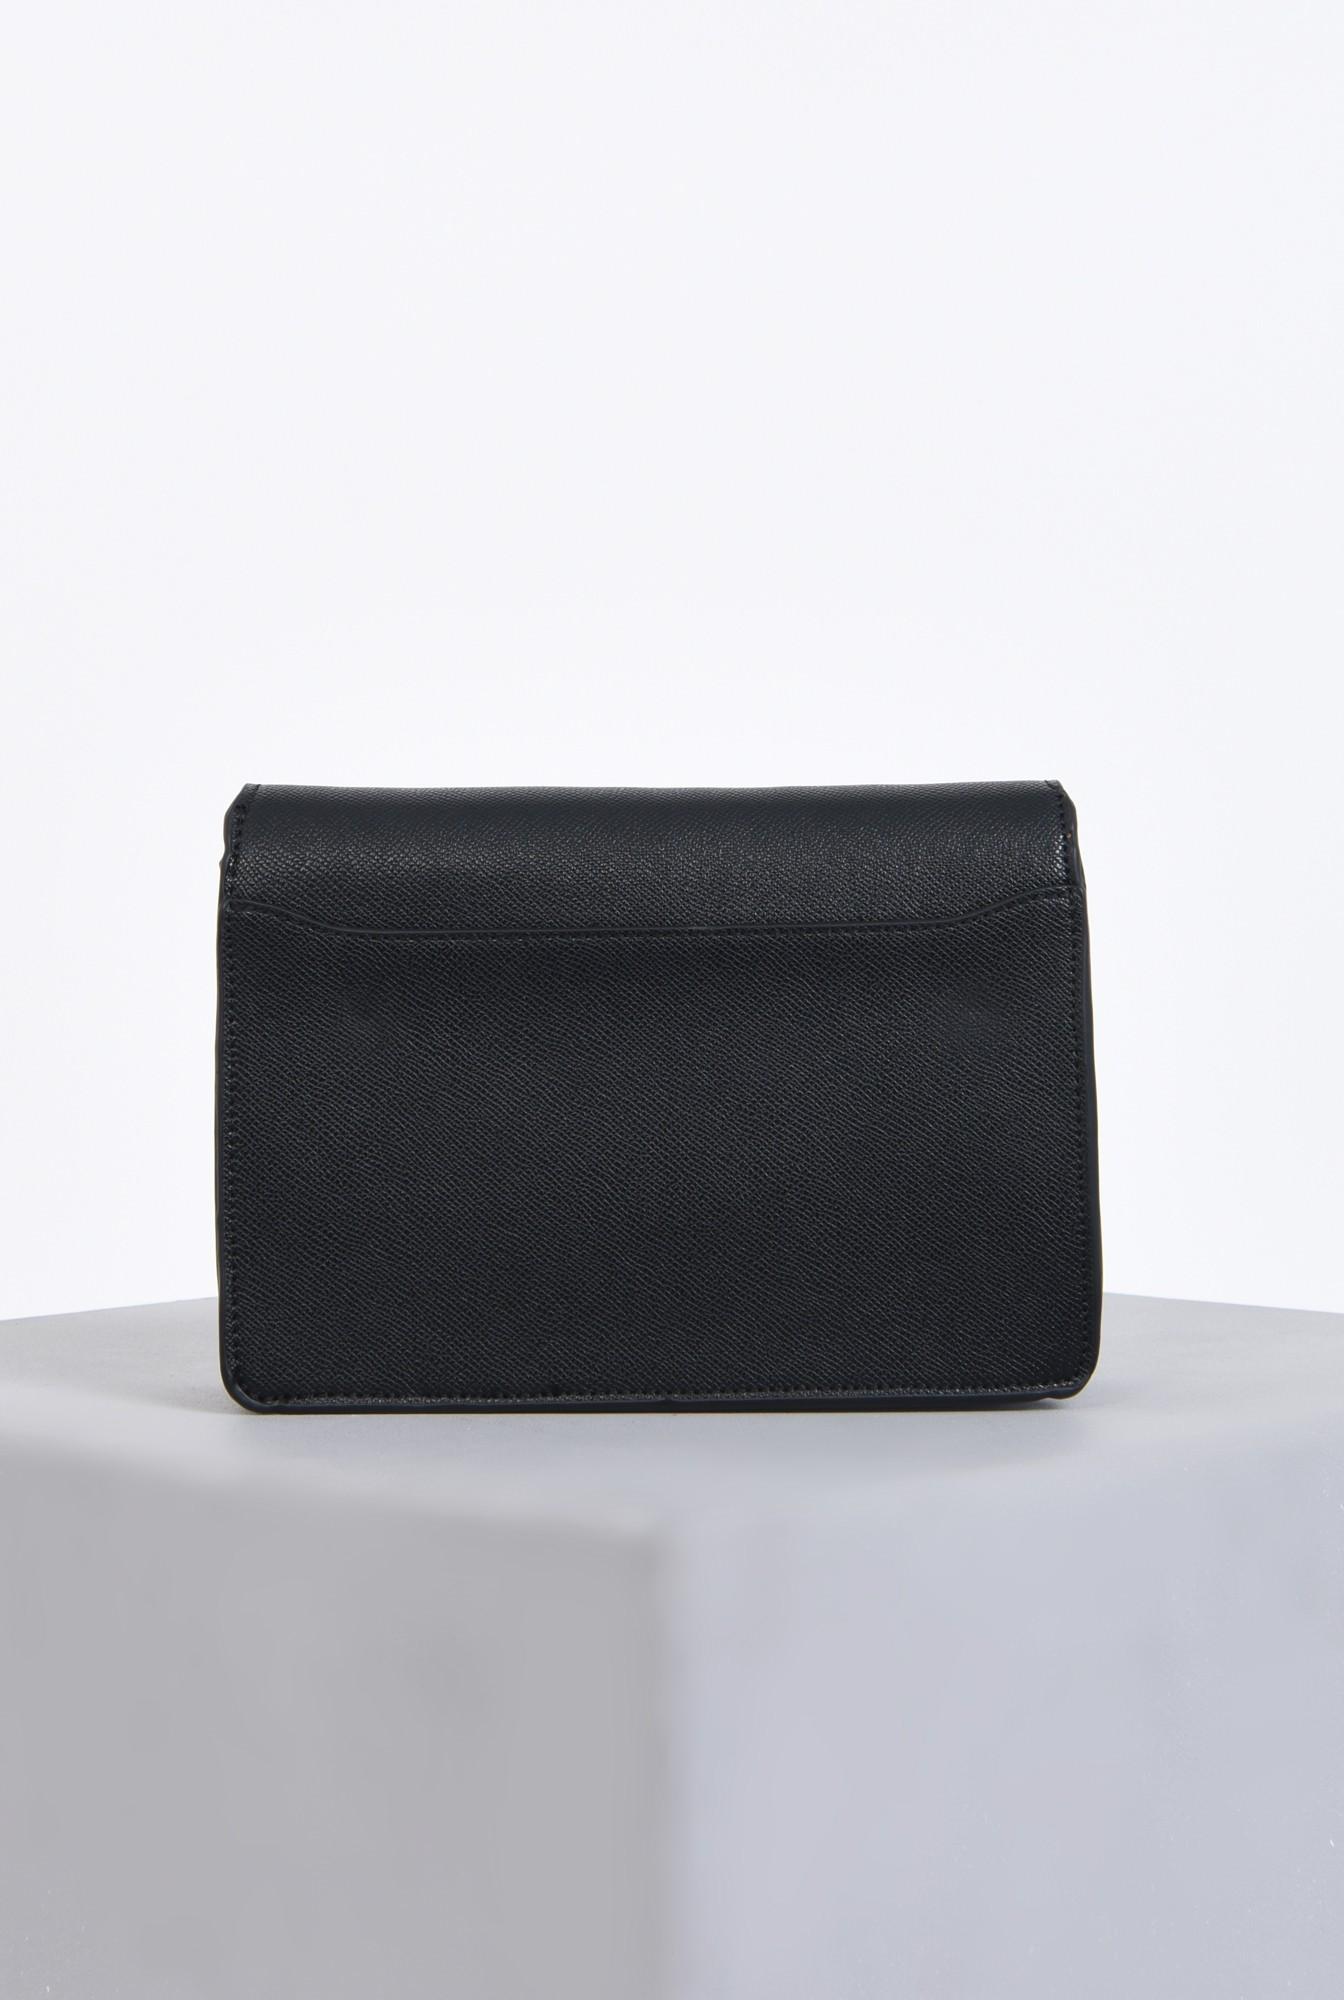 2 - geanta casual, negru, bareta detasabila